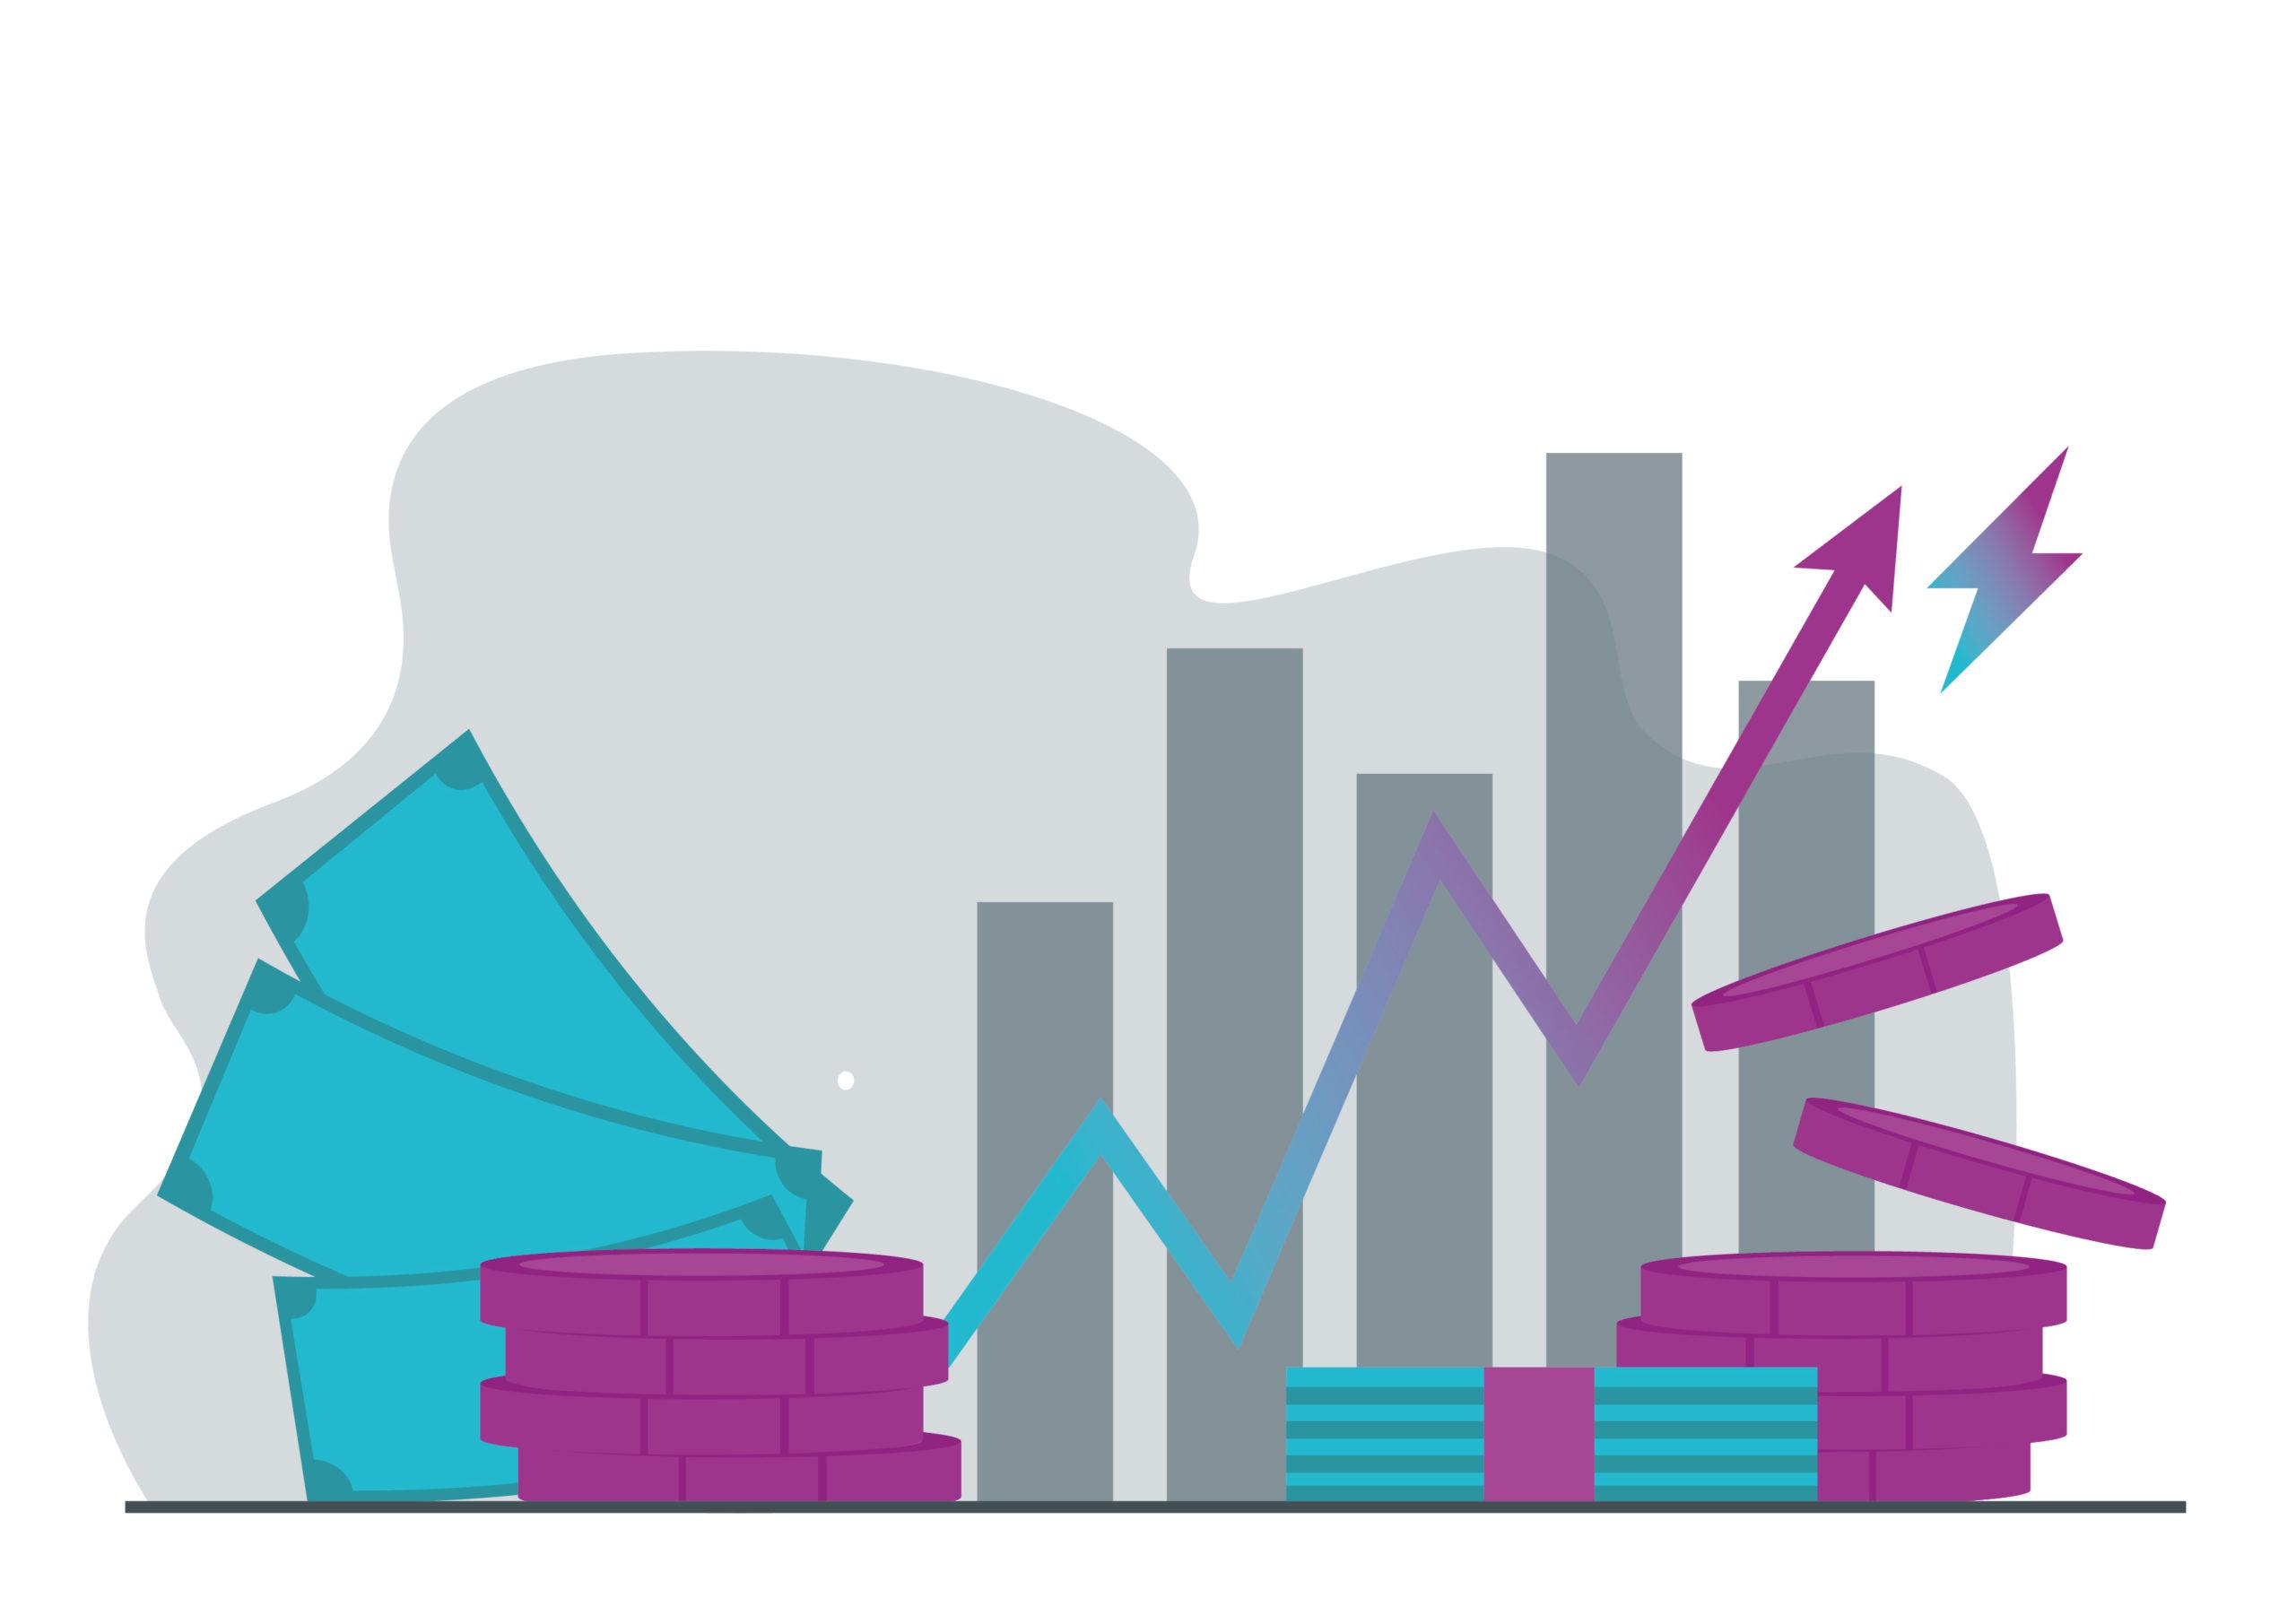 Trois facteurs pouvant conduire à la hausse des prix de l'électricité en 2021